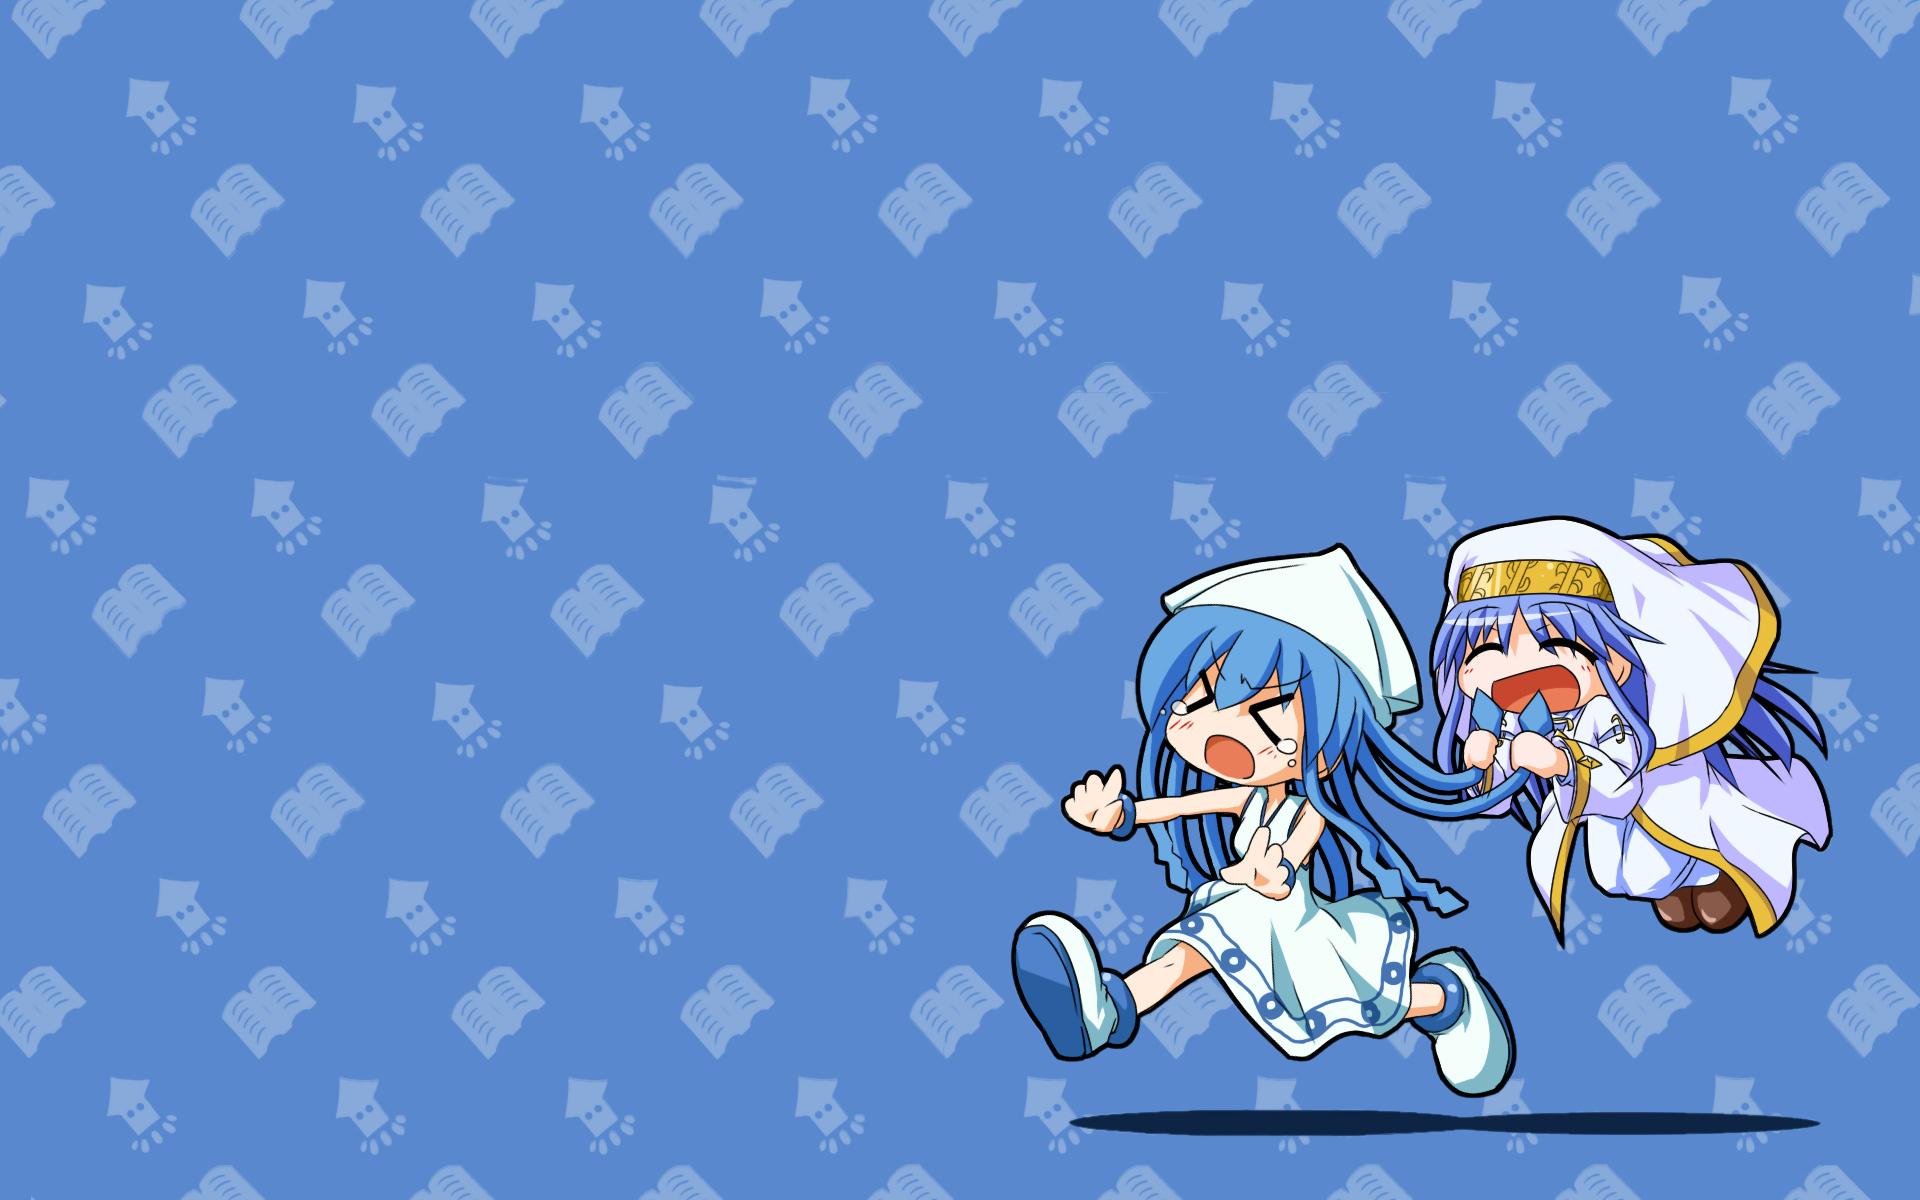 2girls akasaka_takanari blue_hair chibi crossover hat ikamusume index long_hair nun shinryaku!_ikamusume tears to_aru_majutsu_no_index